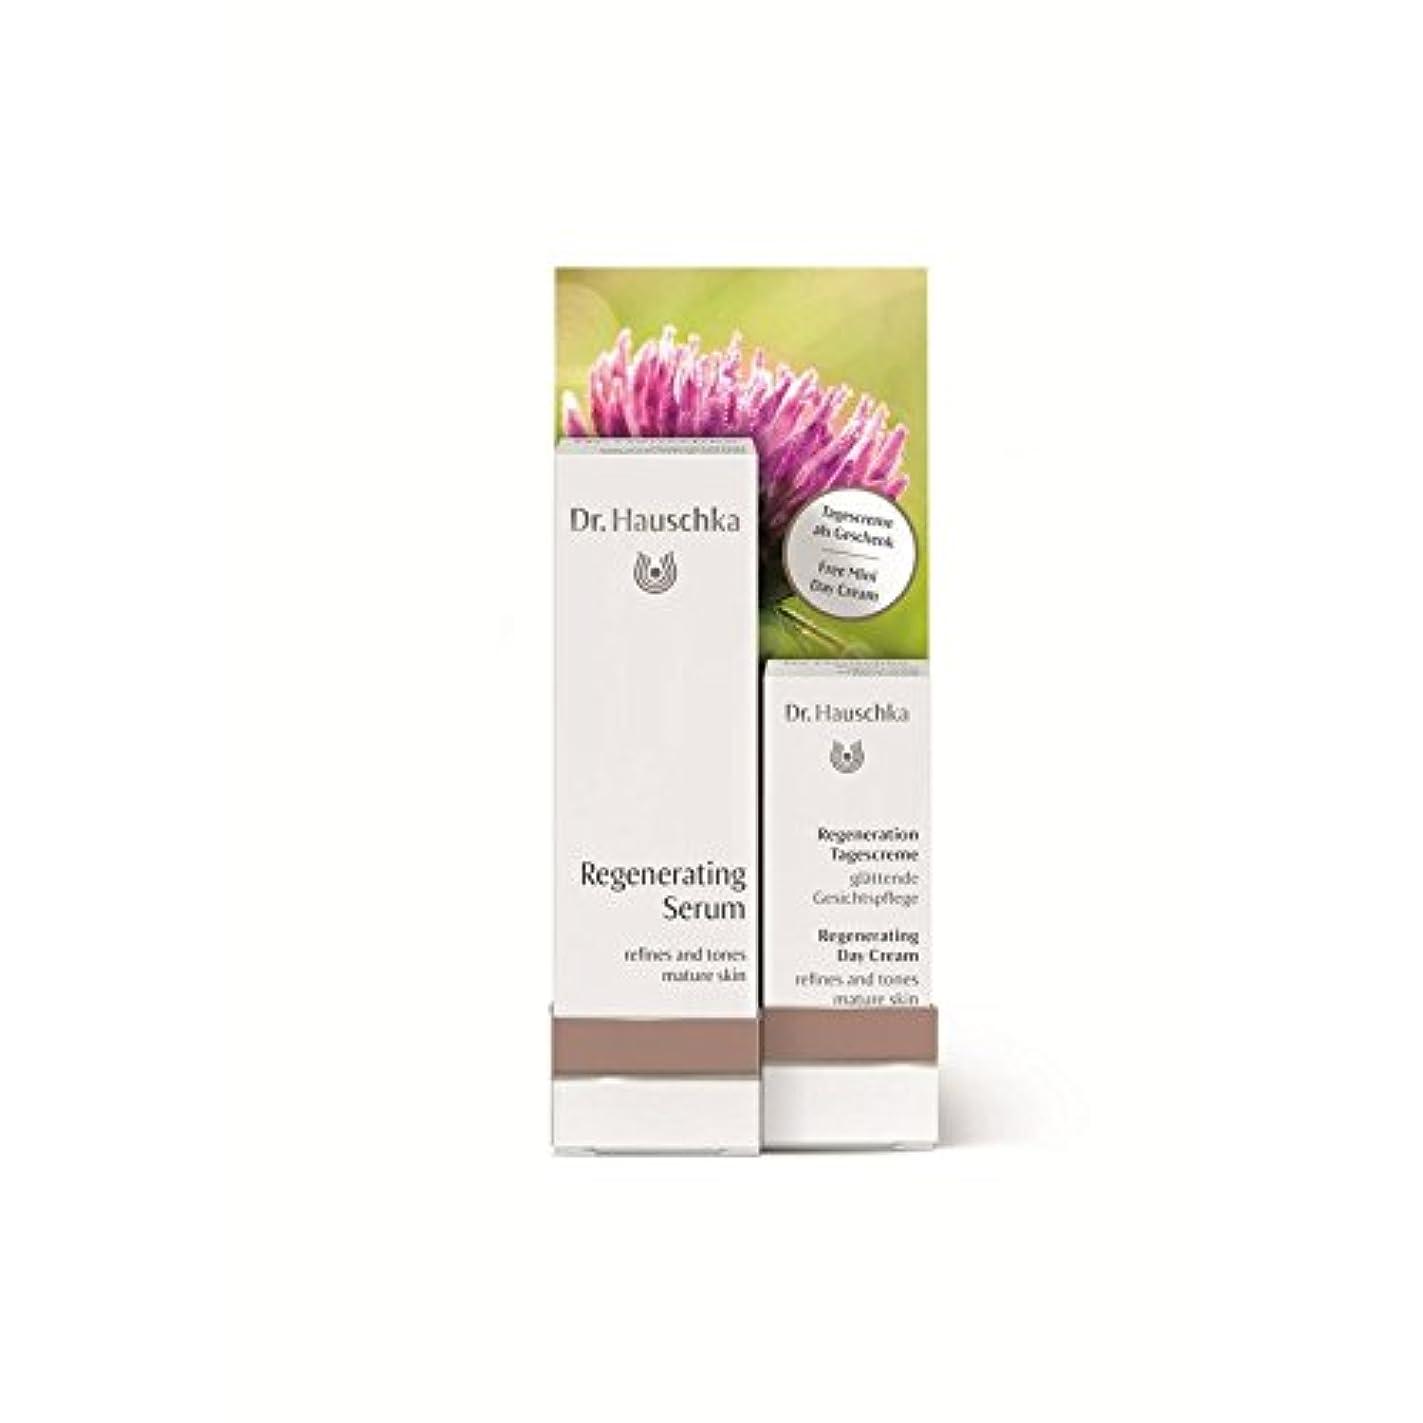 船上タイプアカウントDr. Hauschka Regenerating Serum with a Free Regenerating Day Cream 5ml (Pack of 6) - 無料の再生デイクリーム5ミリリットルで血清を再生ハウシュカ x6 [並行輸入品]